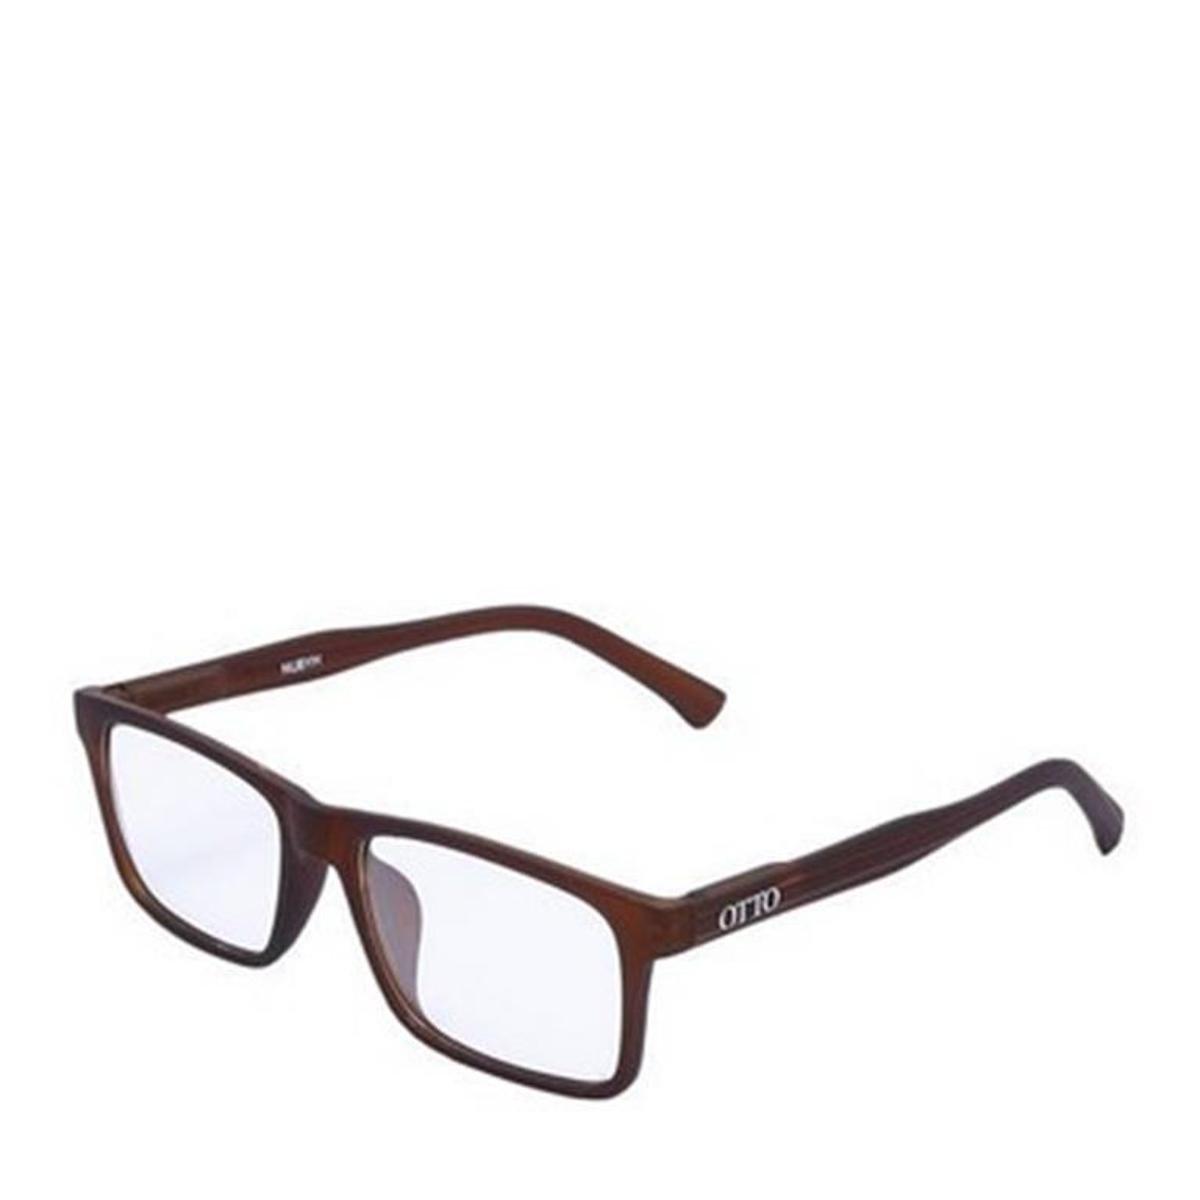 c1f7c3d75 Armação de Óculos Receituário OTTO Retângular - ZT001 | Netshoes